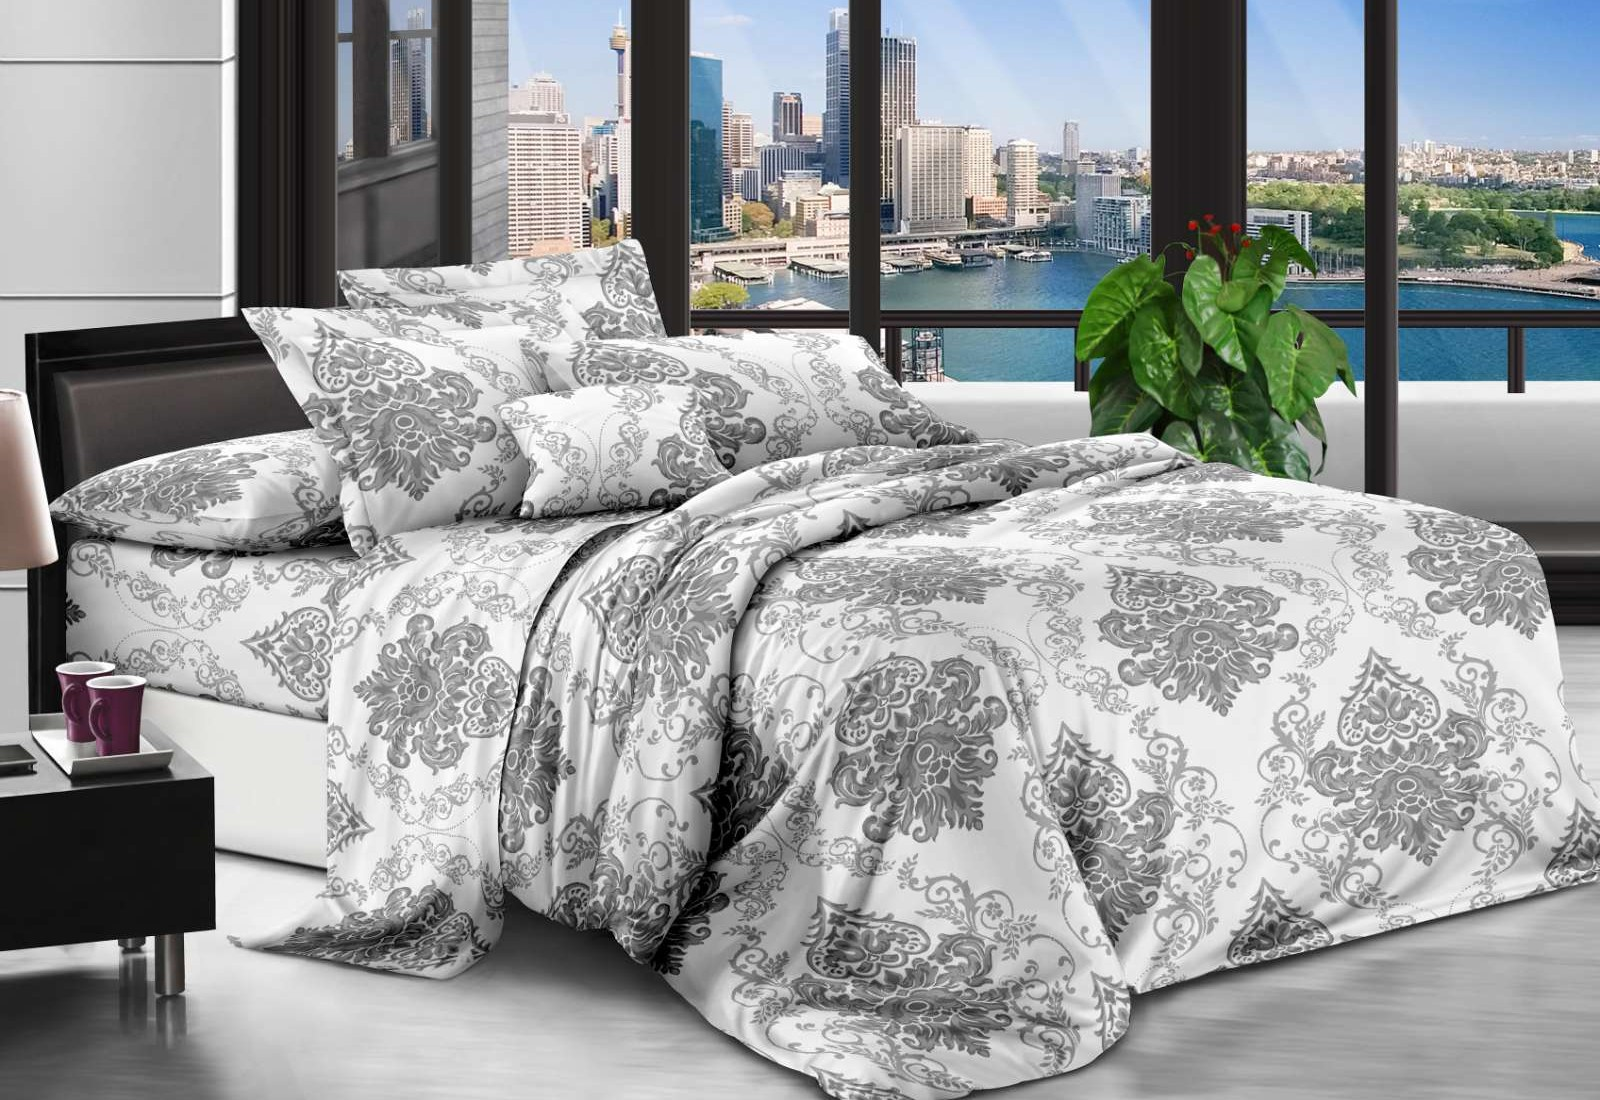 Двуспальное постельное белье РАНФОРС (бязь) 100% хлопок 181500